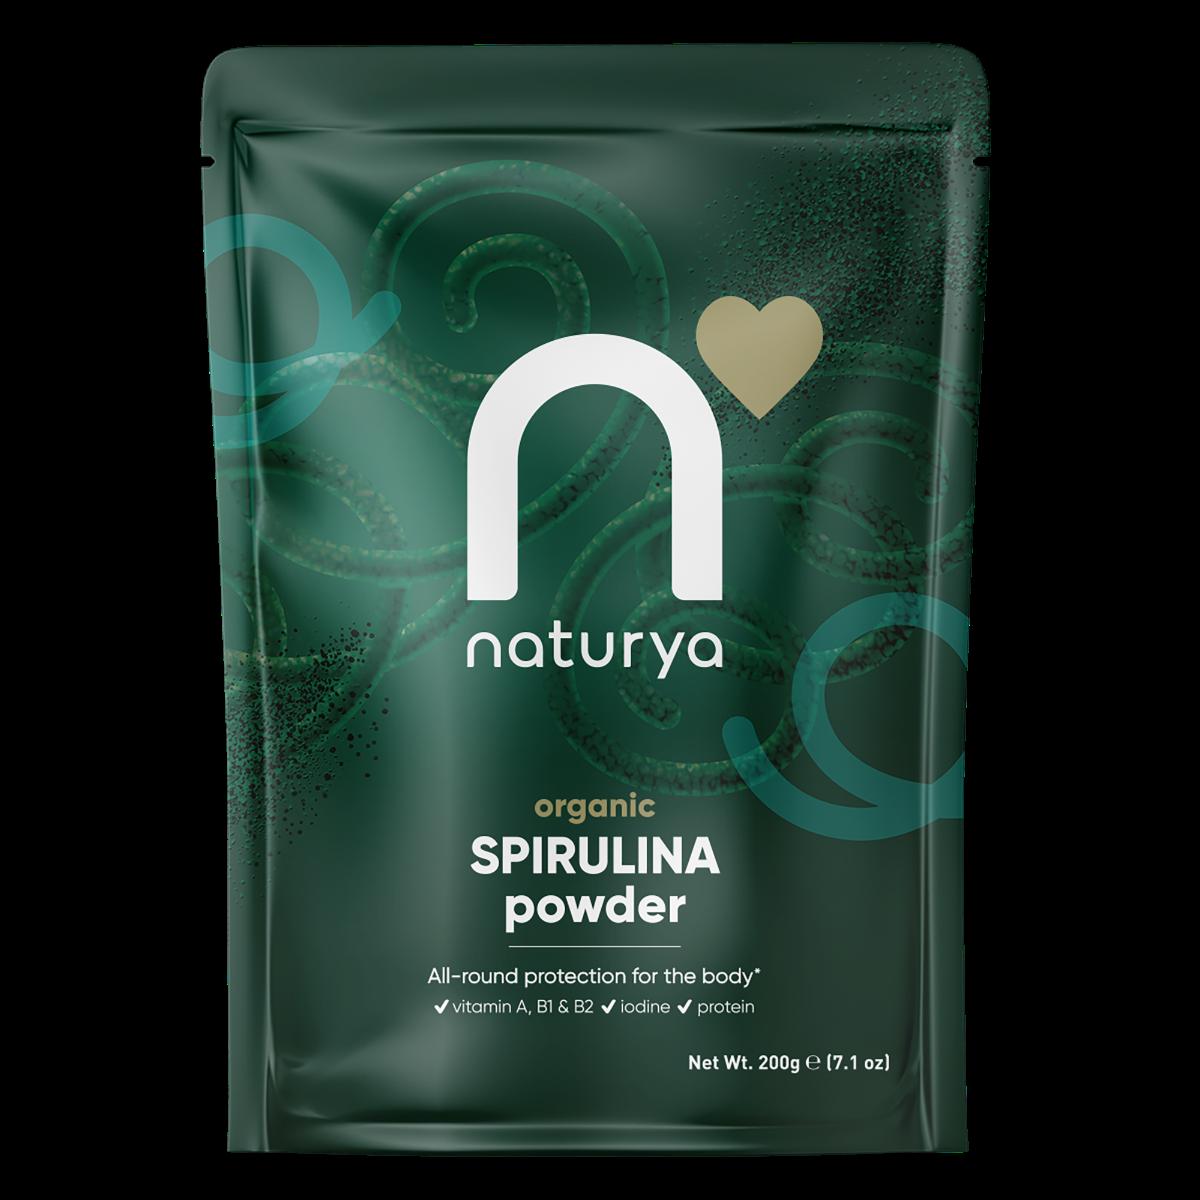 Naturya Organic Spirulina Powder 100 g